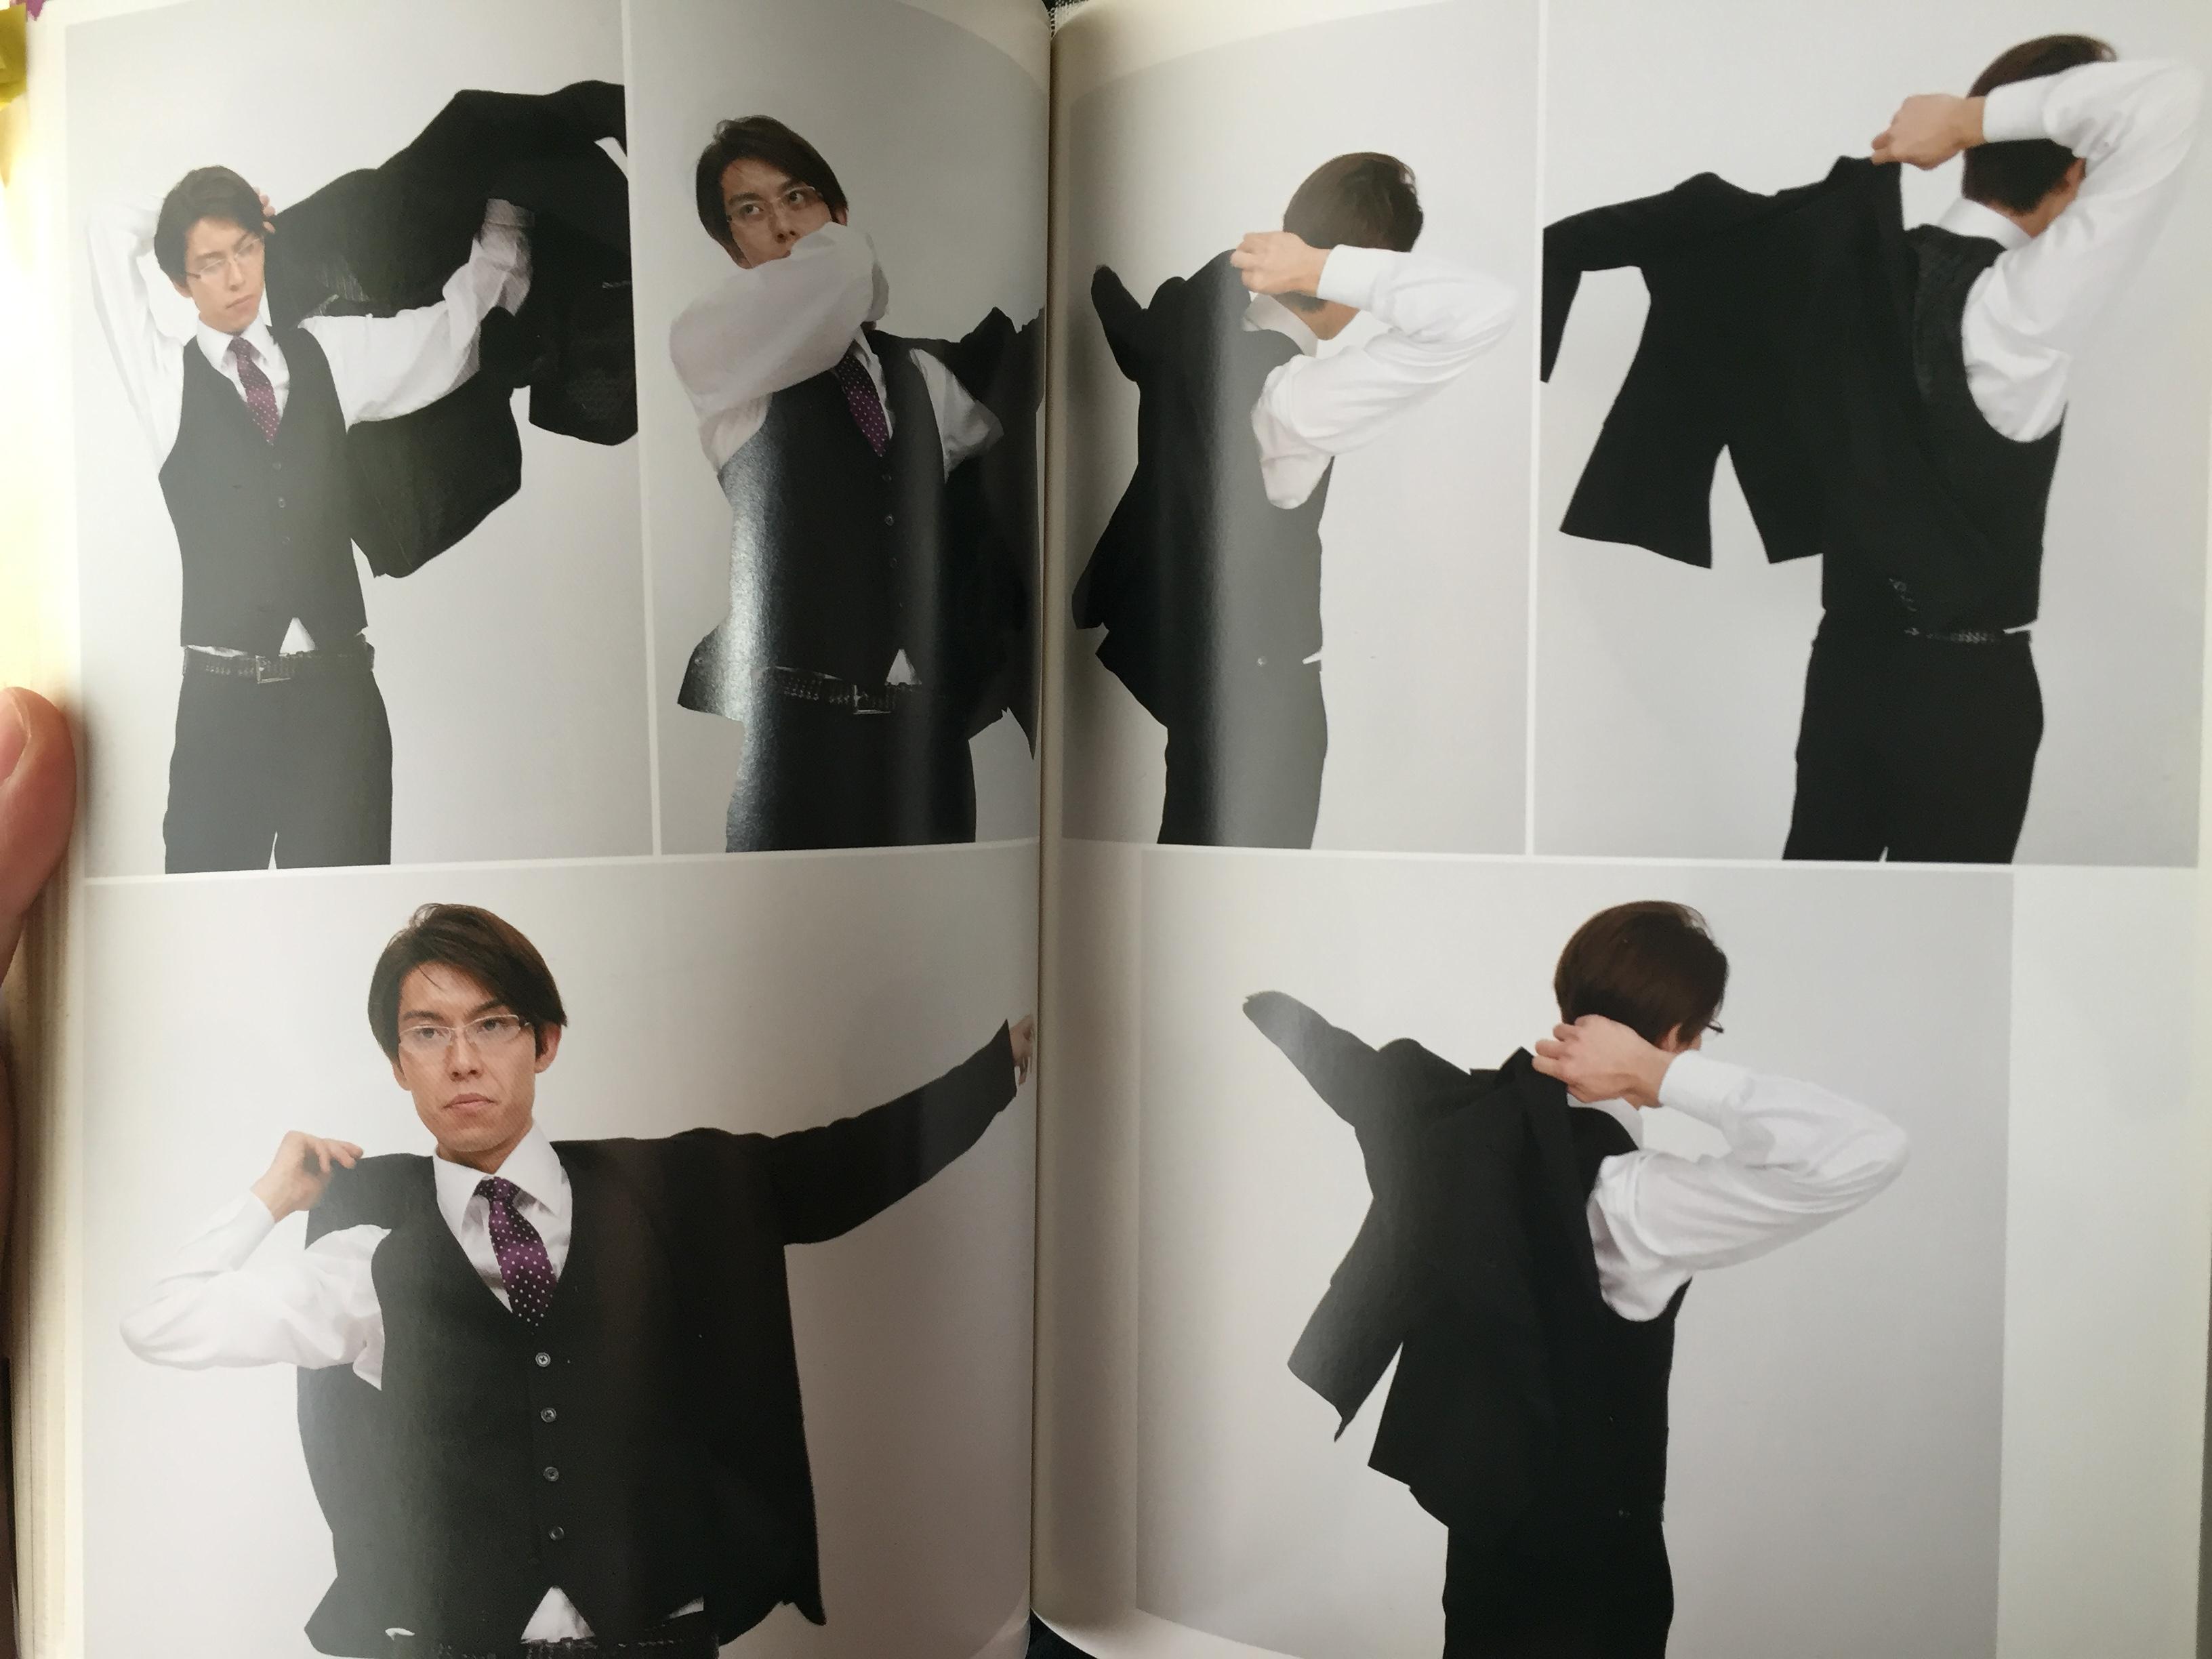 【スーツの着脱資料がほしければコレ!】BLポーズ集 スーツ編